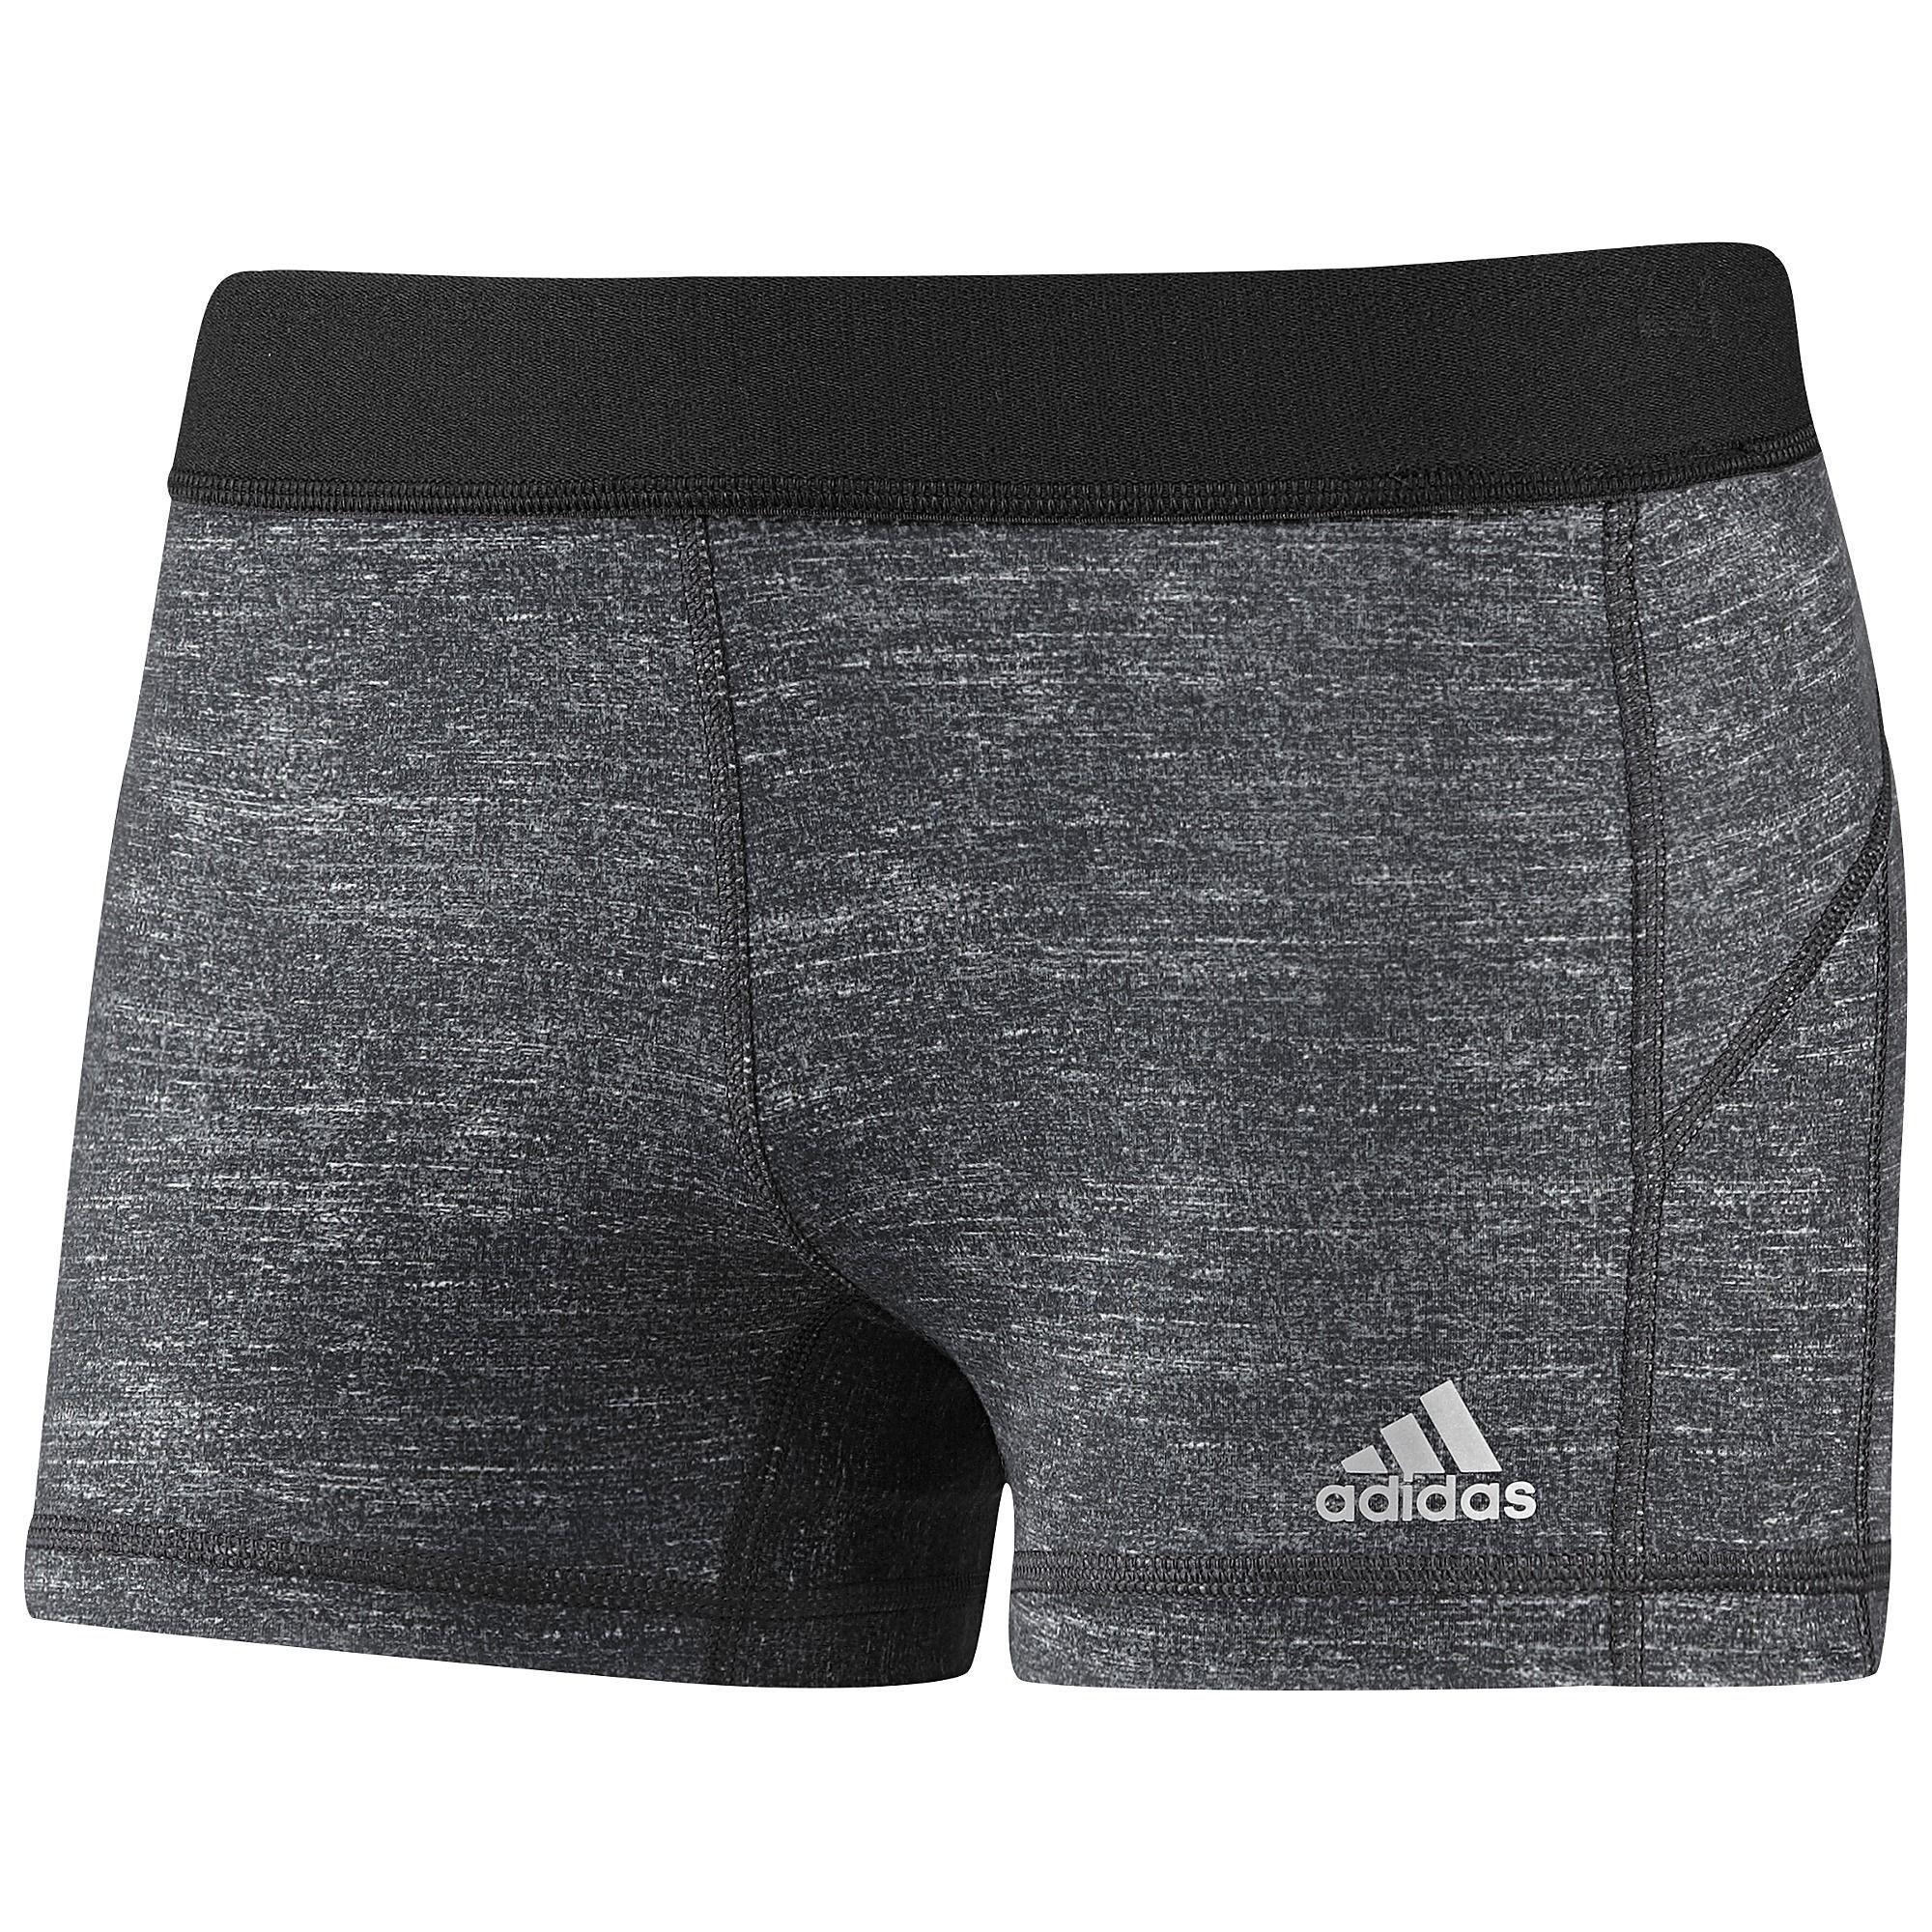 Adidas Techfit 3 Inch Boy Shorts Grey Adidas Us Adidas Shorts Women Athletic Outfits Adidas Women